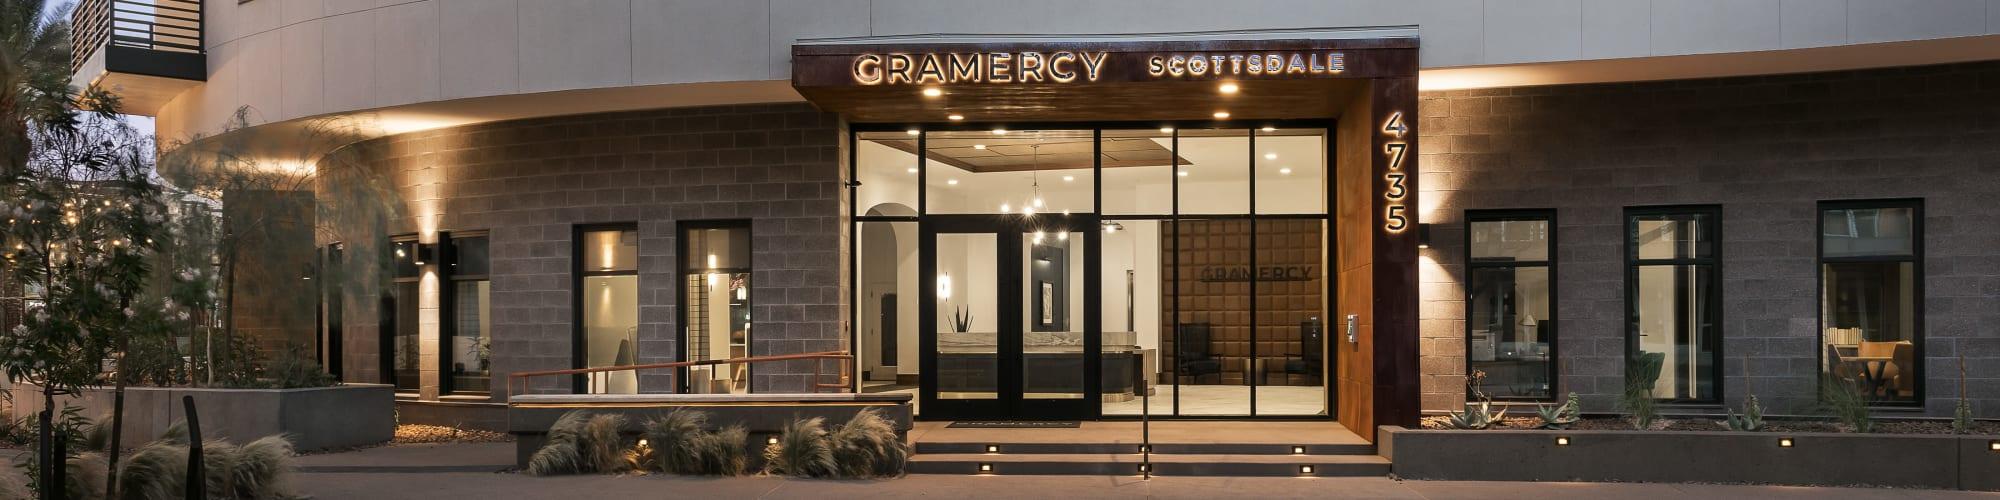 Photos of Gramercy Scottsdale in Scottsdale, Arizona